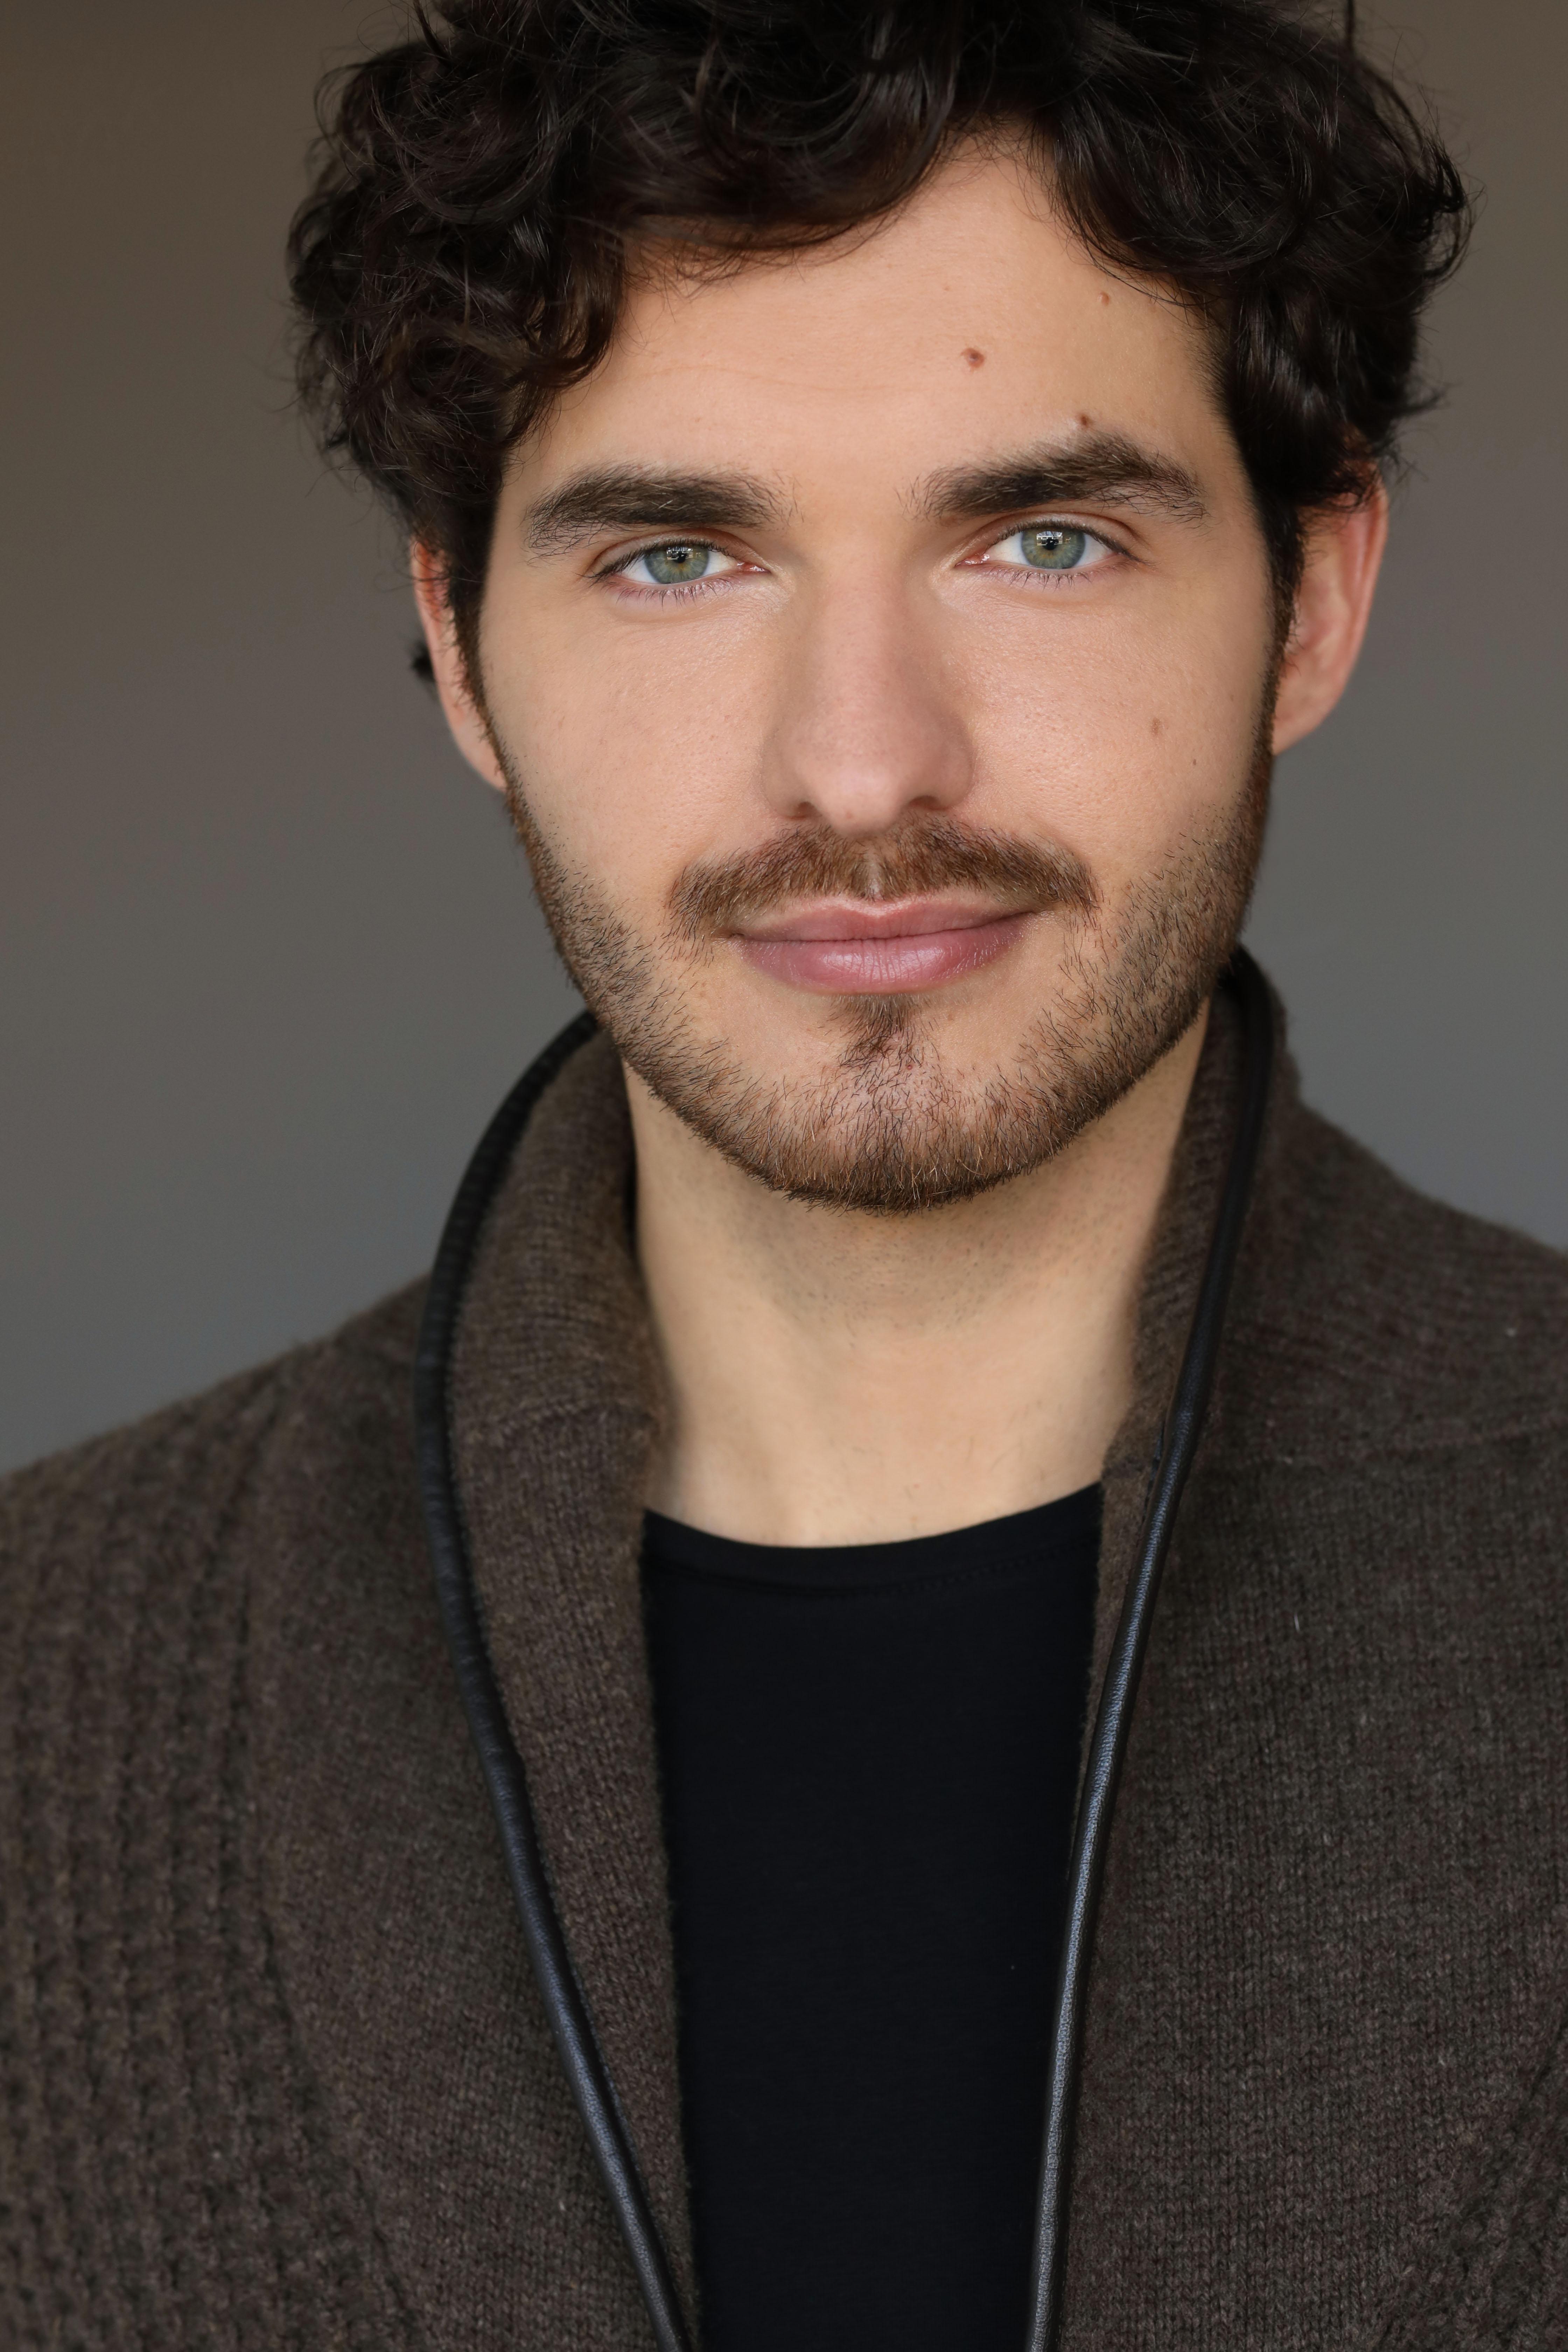 Sebastian Faure